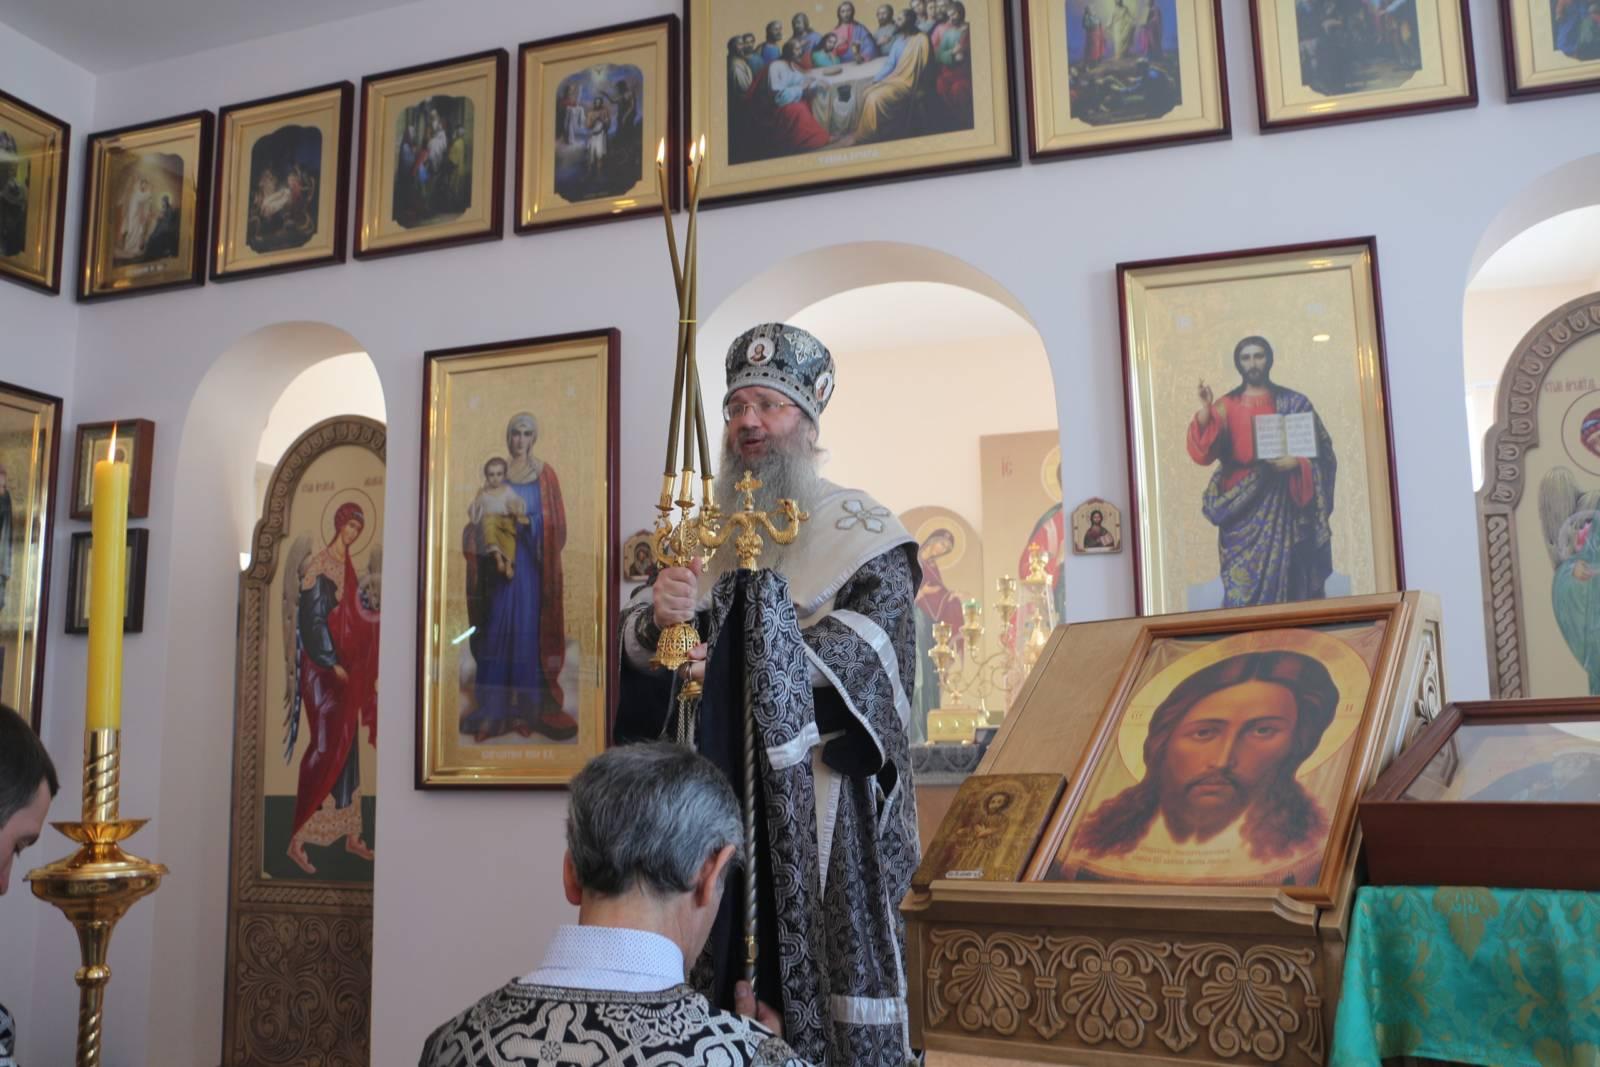 Божественная литургия Преждеосвященных Даров в храме в храме прп. Исаака Сирина г. Новоаннинский.